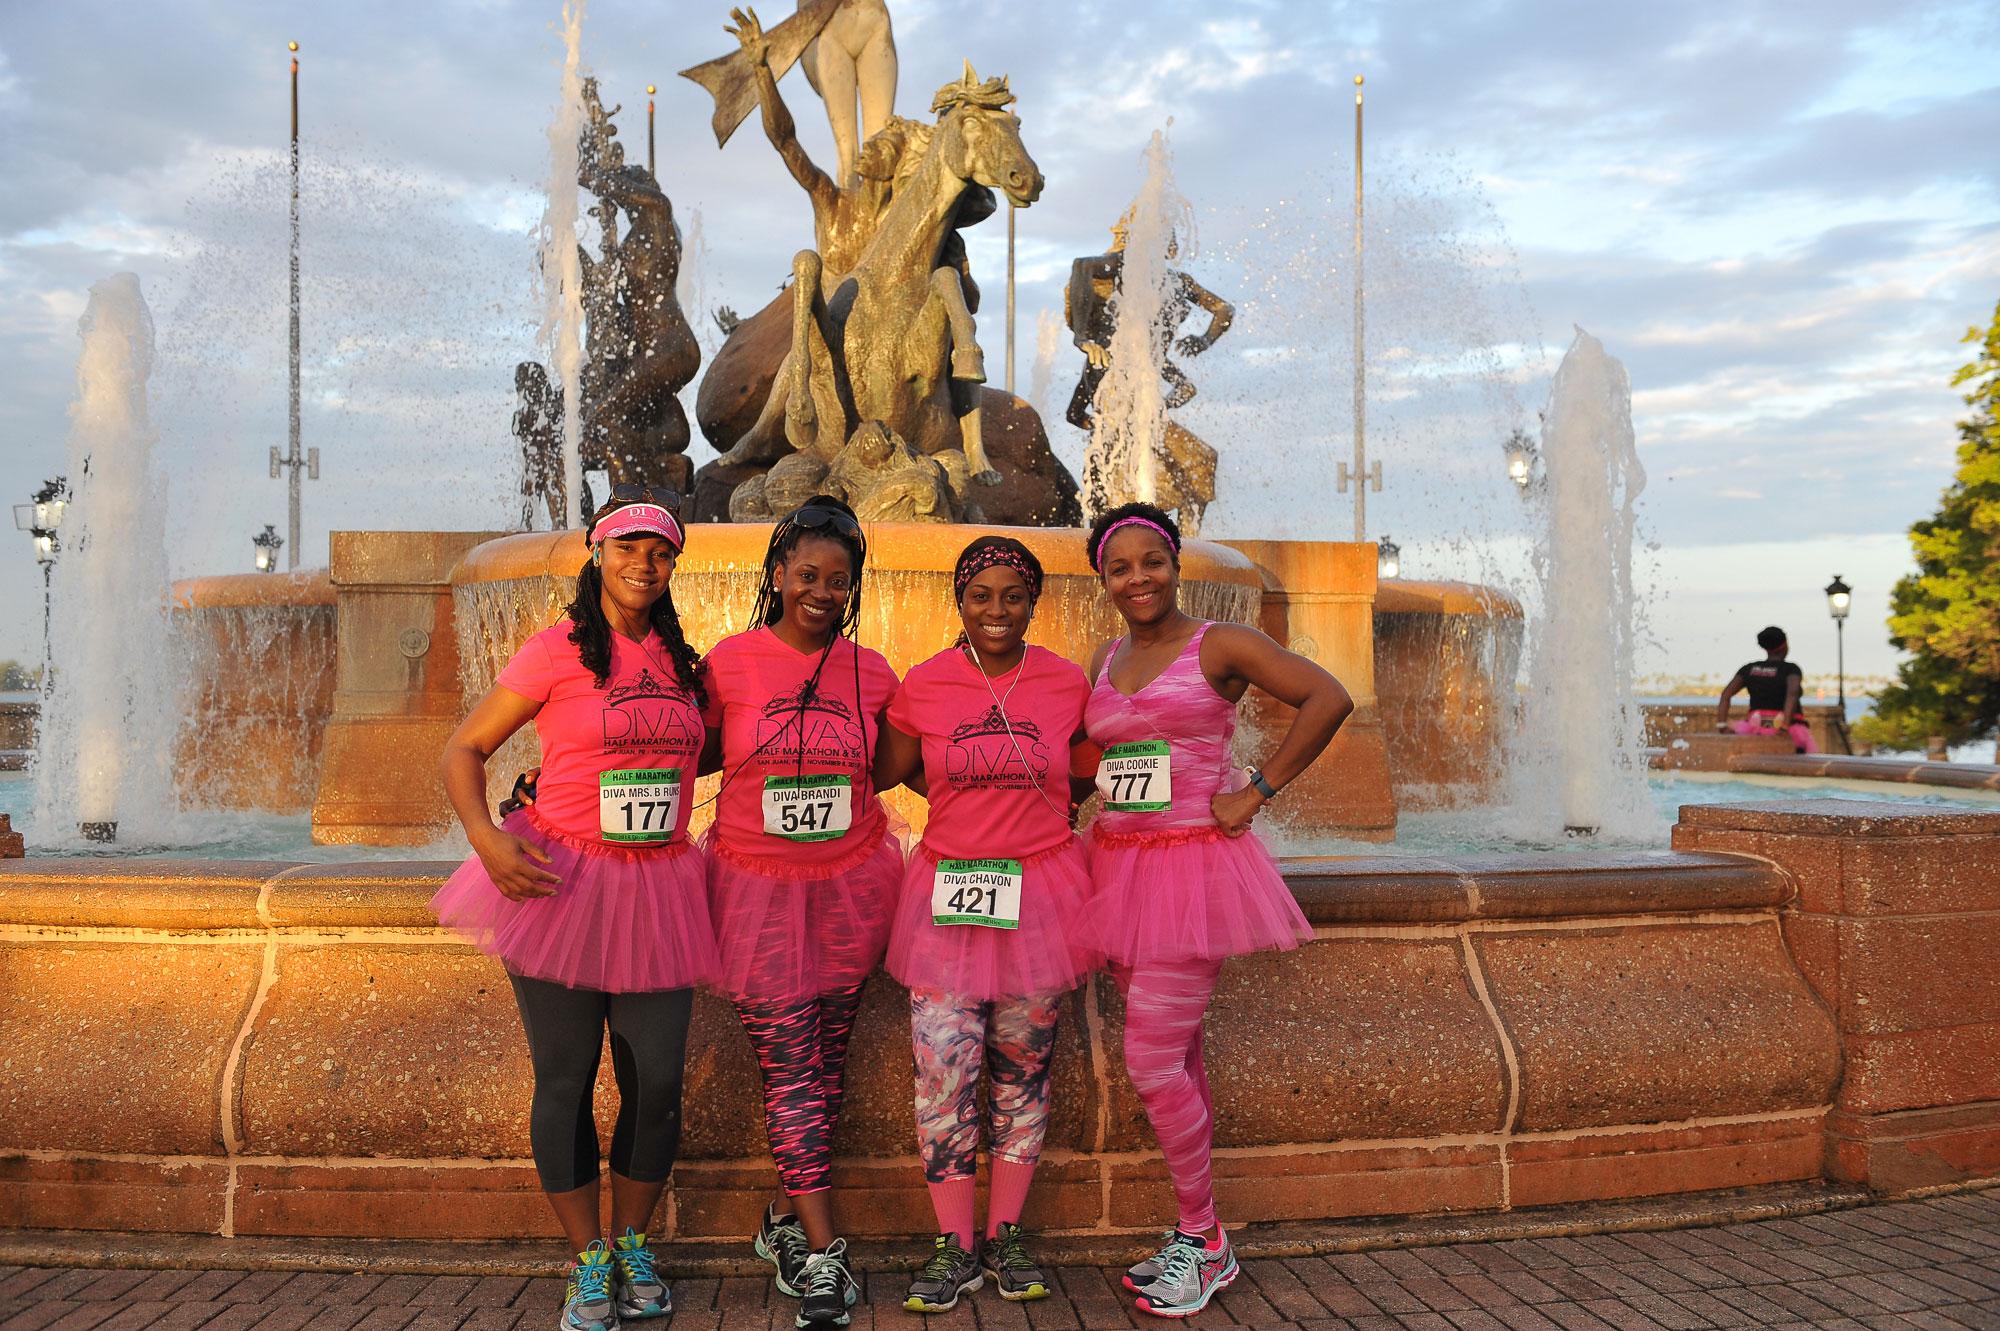 2016 divas half marathon u0026 5k in puerto rico san juan pr 2016